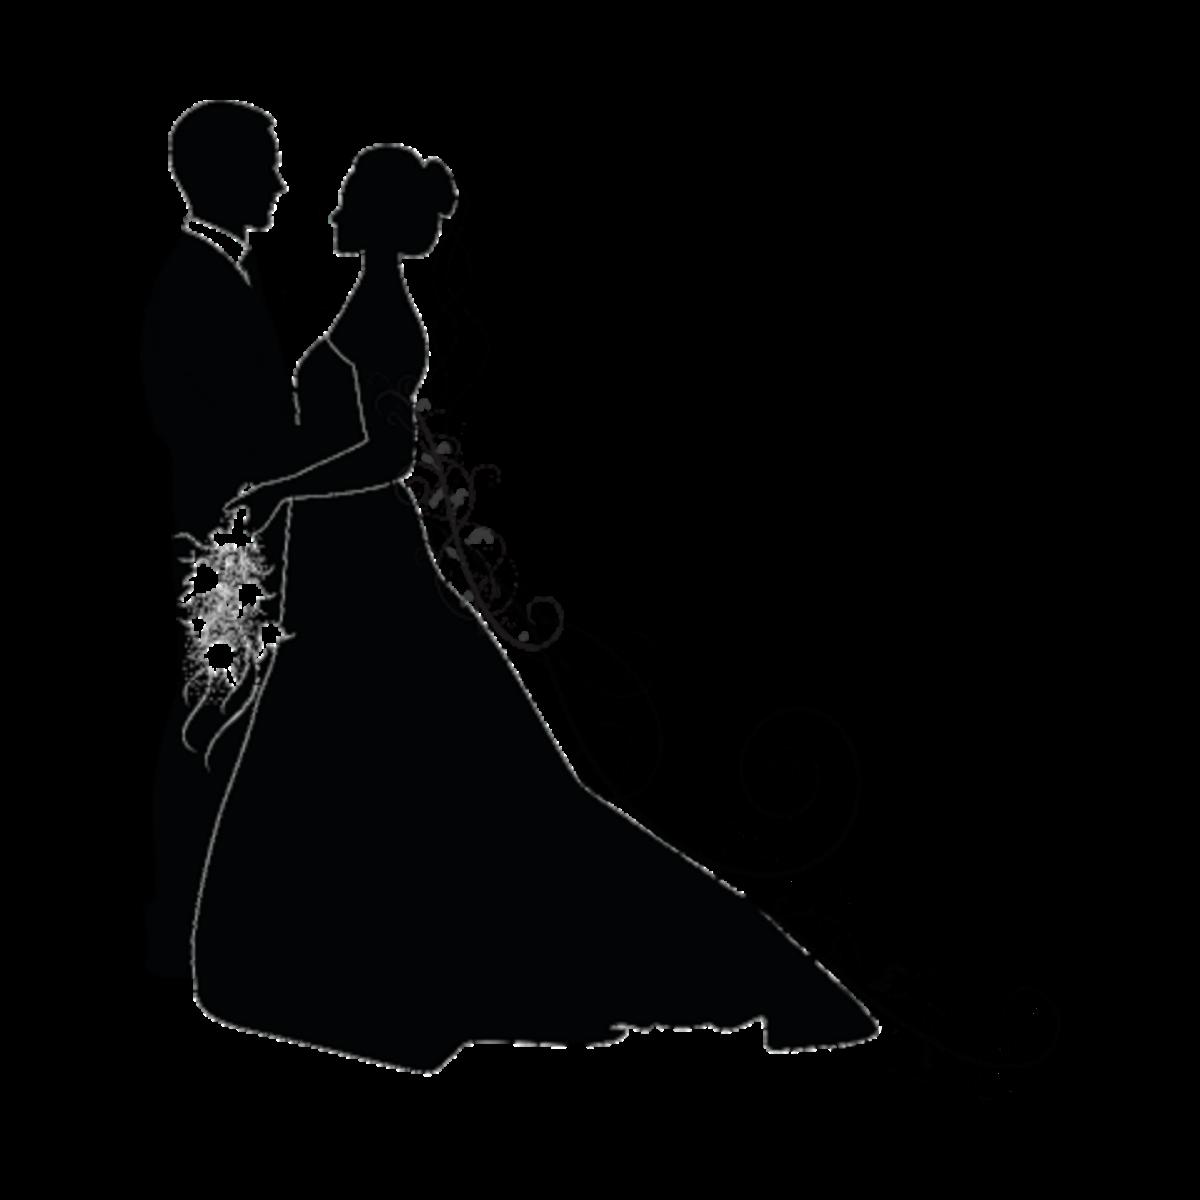 Wedding Couple Clipart Png: Love Liebe Hochzeit Wedding Silhouette Brautpaar Schwar